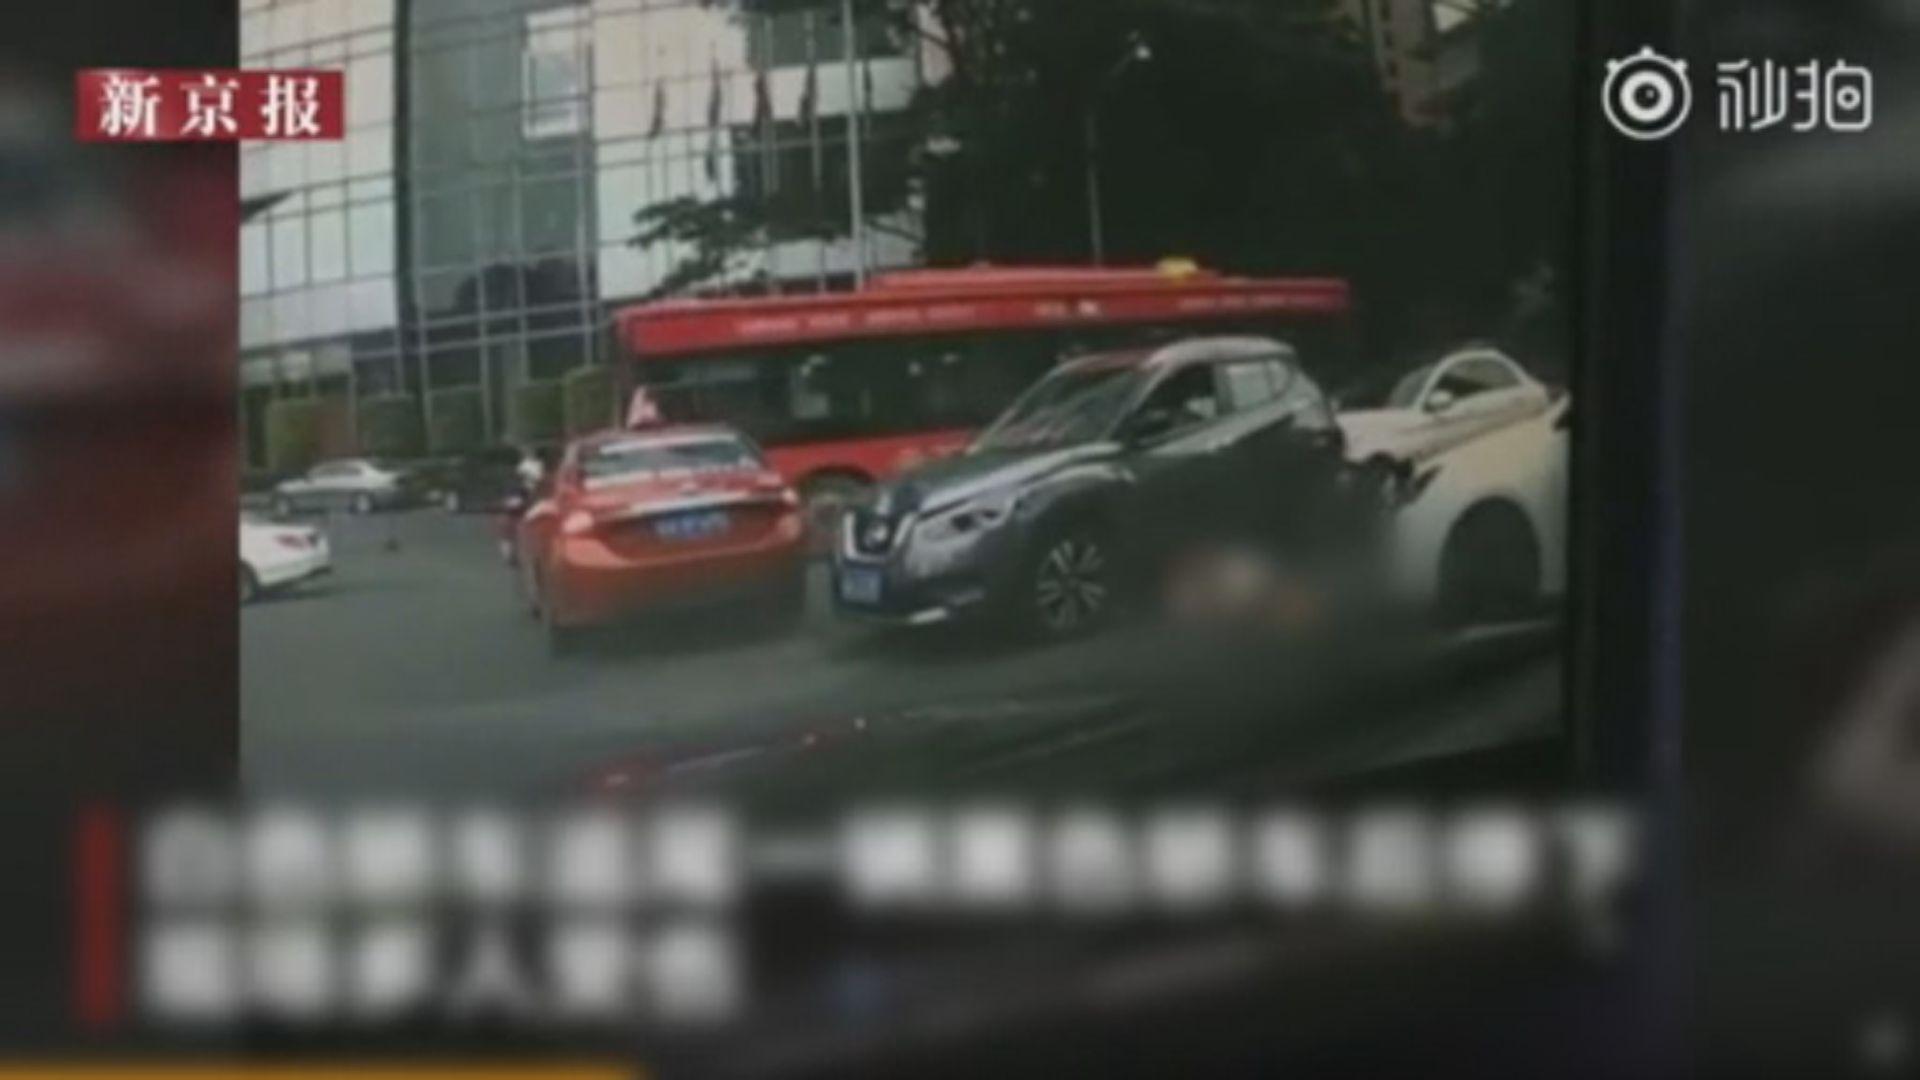 廣州車禍13人傷 傷者包括本港駐粵辦職員